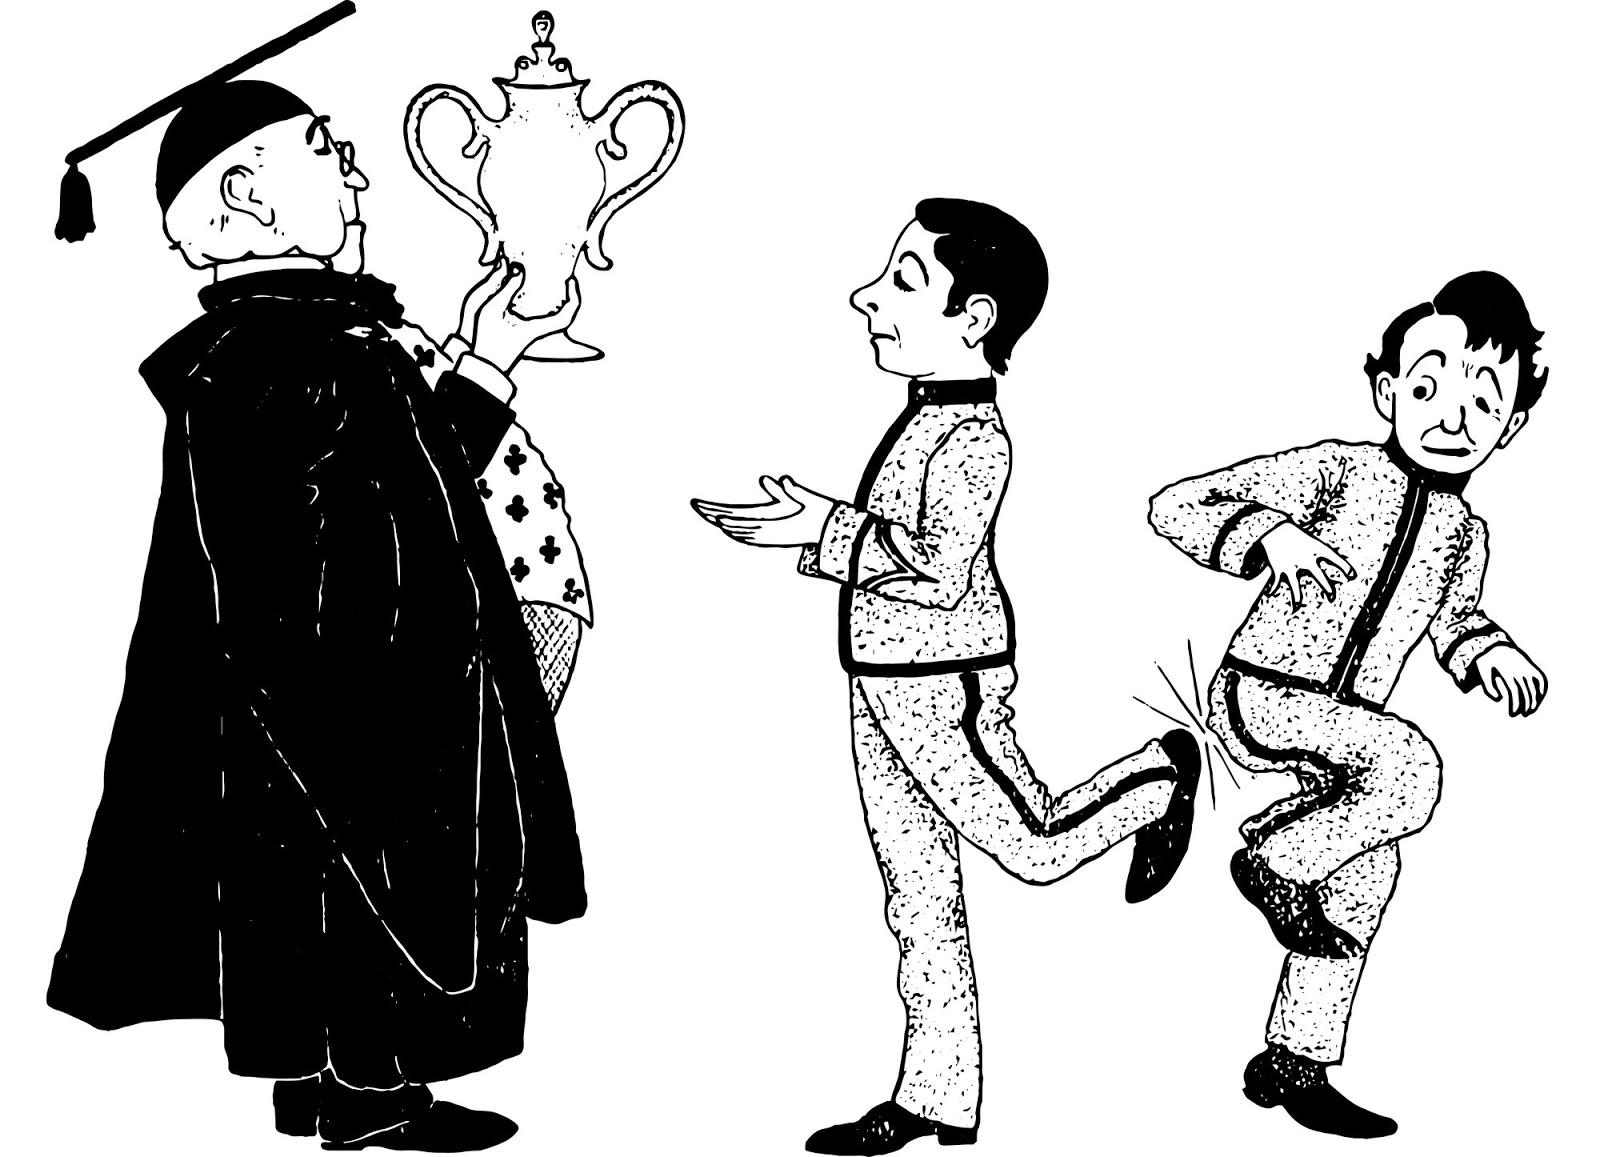 ಕಾಲೇಜ ಲೈಫಿನ 30 ಕಿರಿಕಗಳು - Funny Facts of My College Life